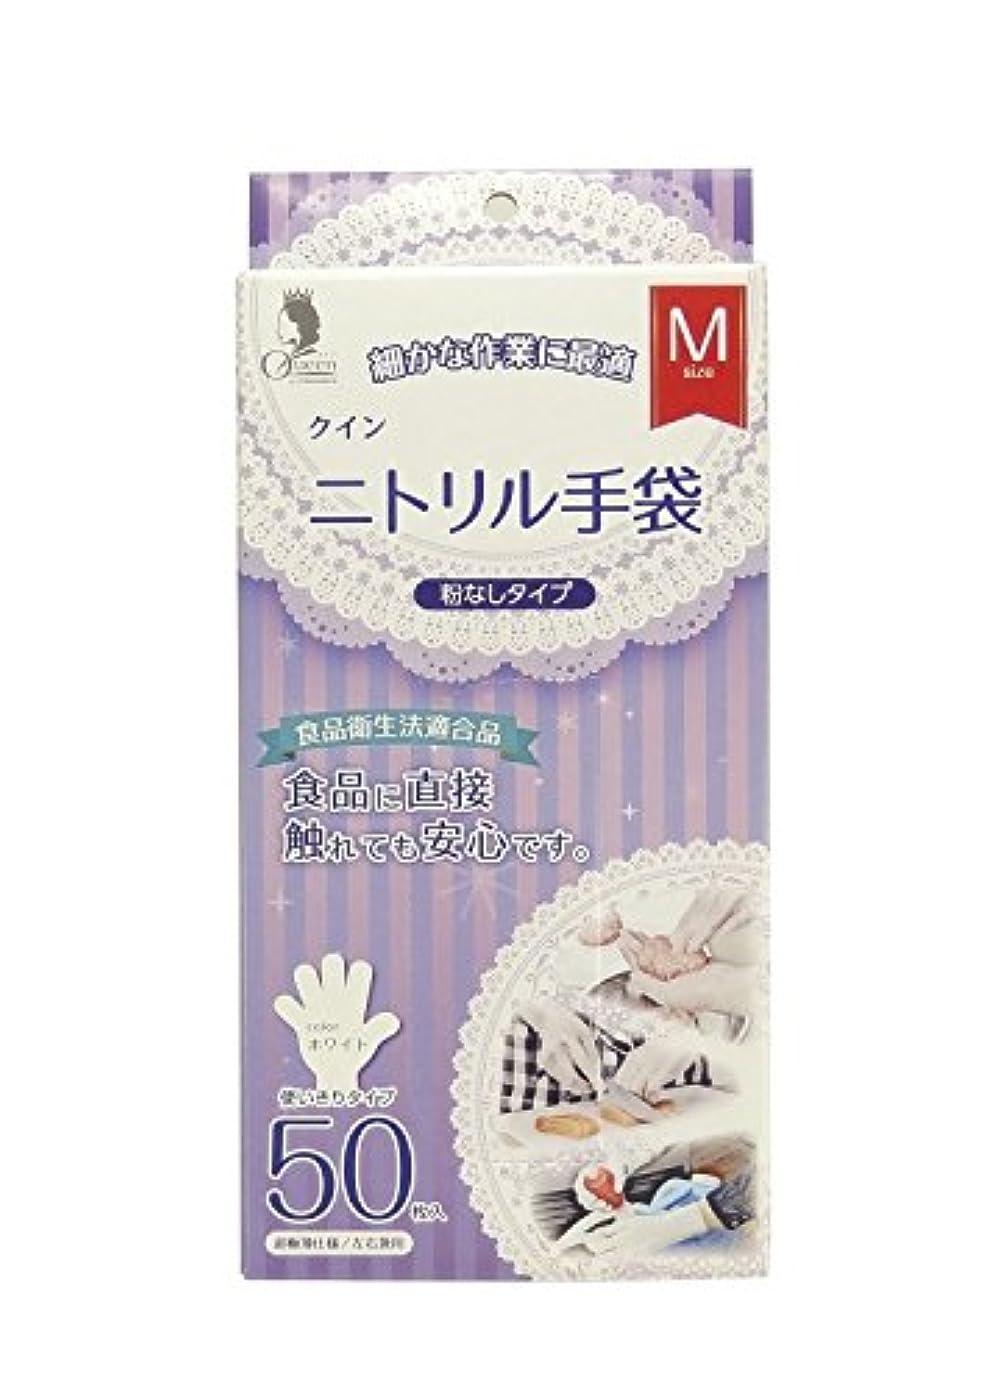 抑制する機転発行宇都宮製作 クイン ニトリル手袋(パウダーフリー) M 50枚